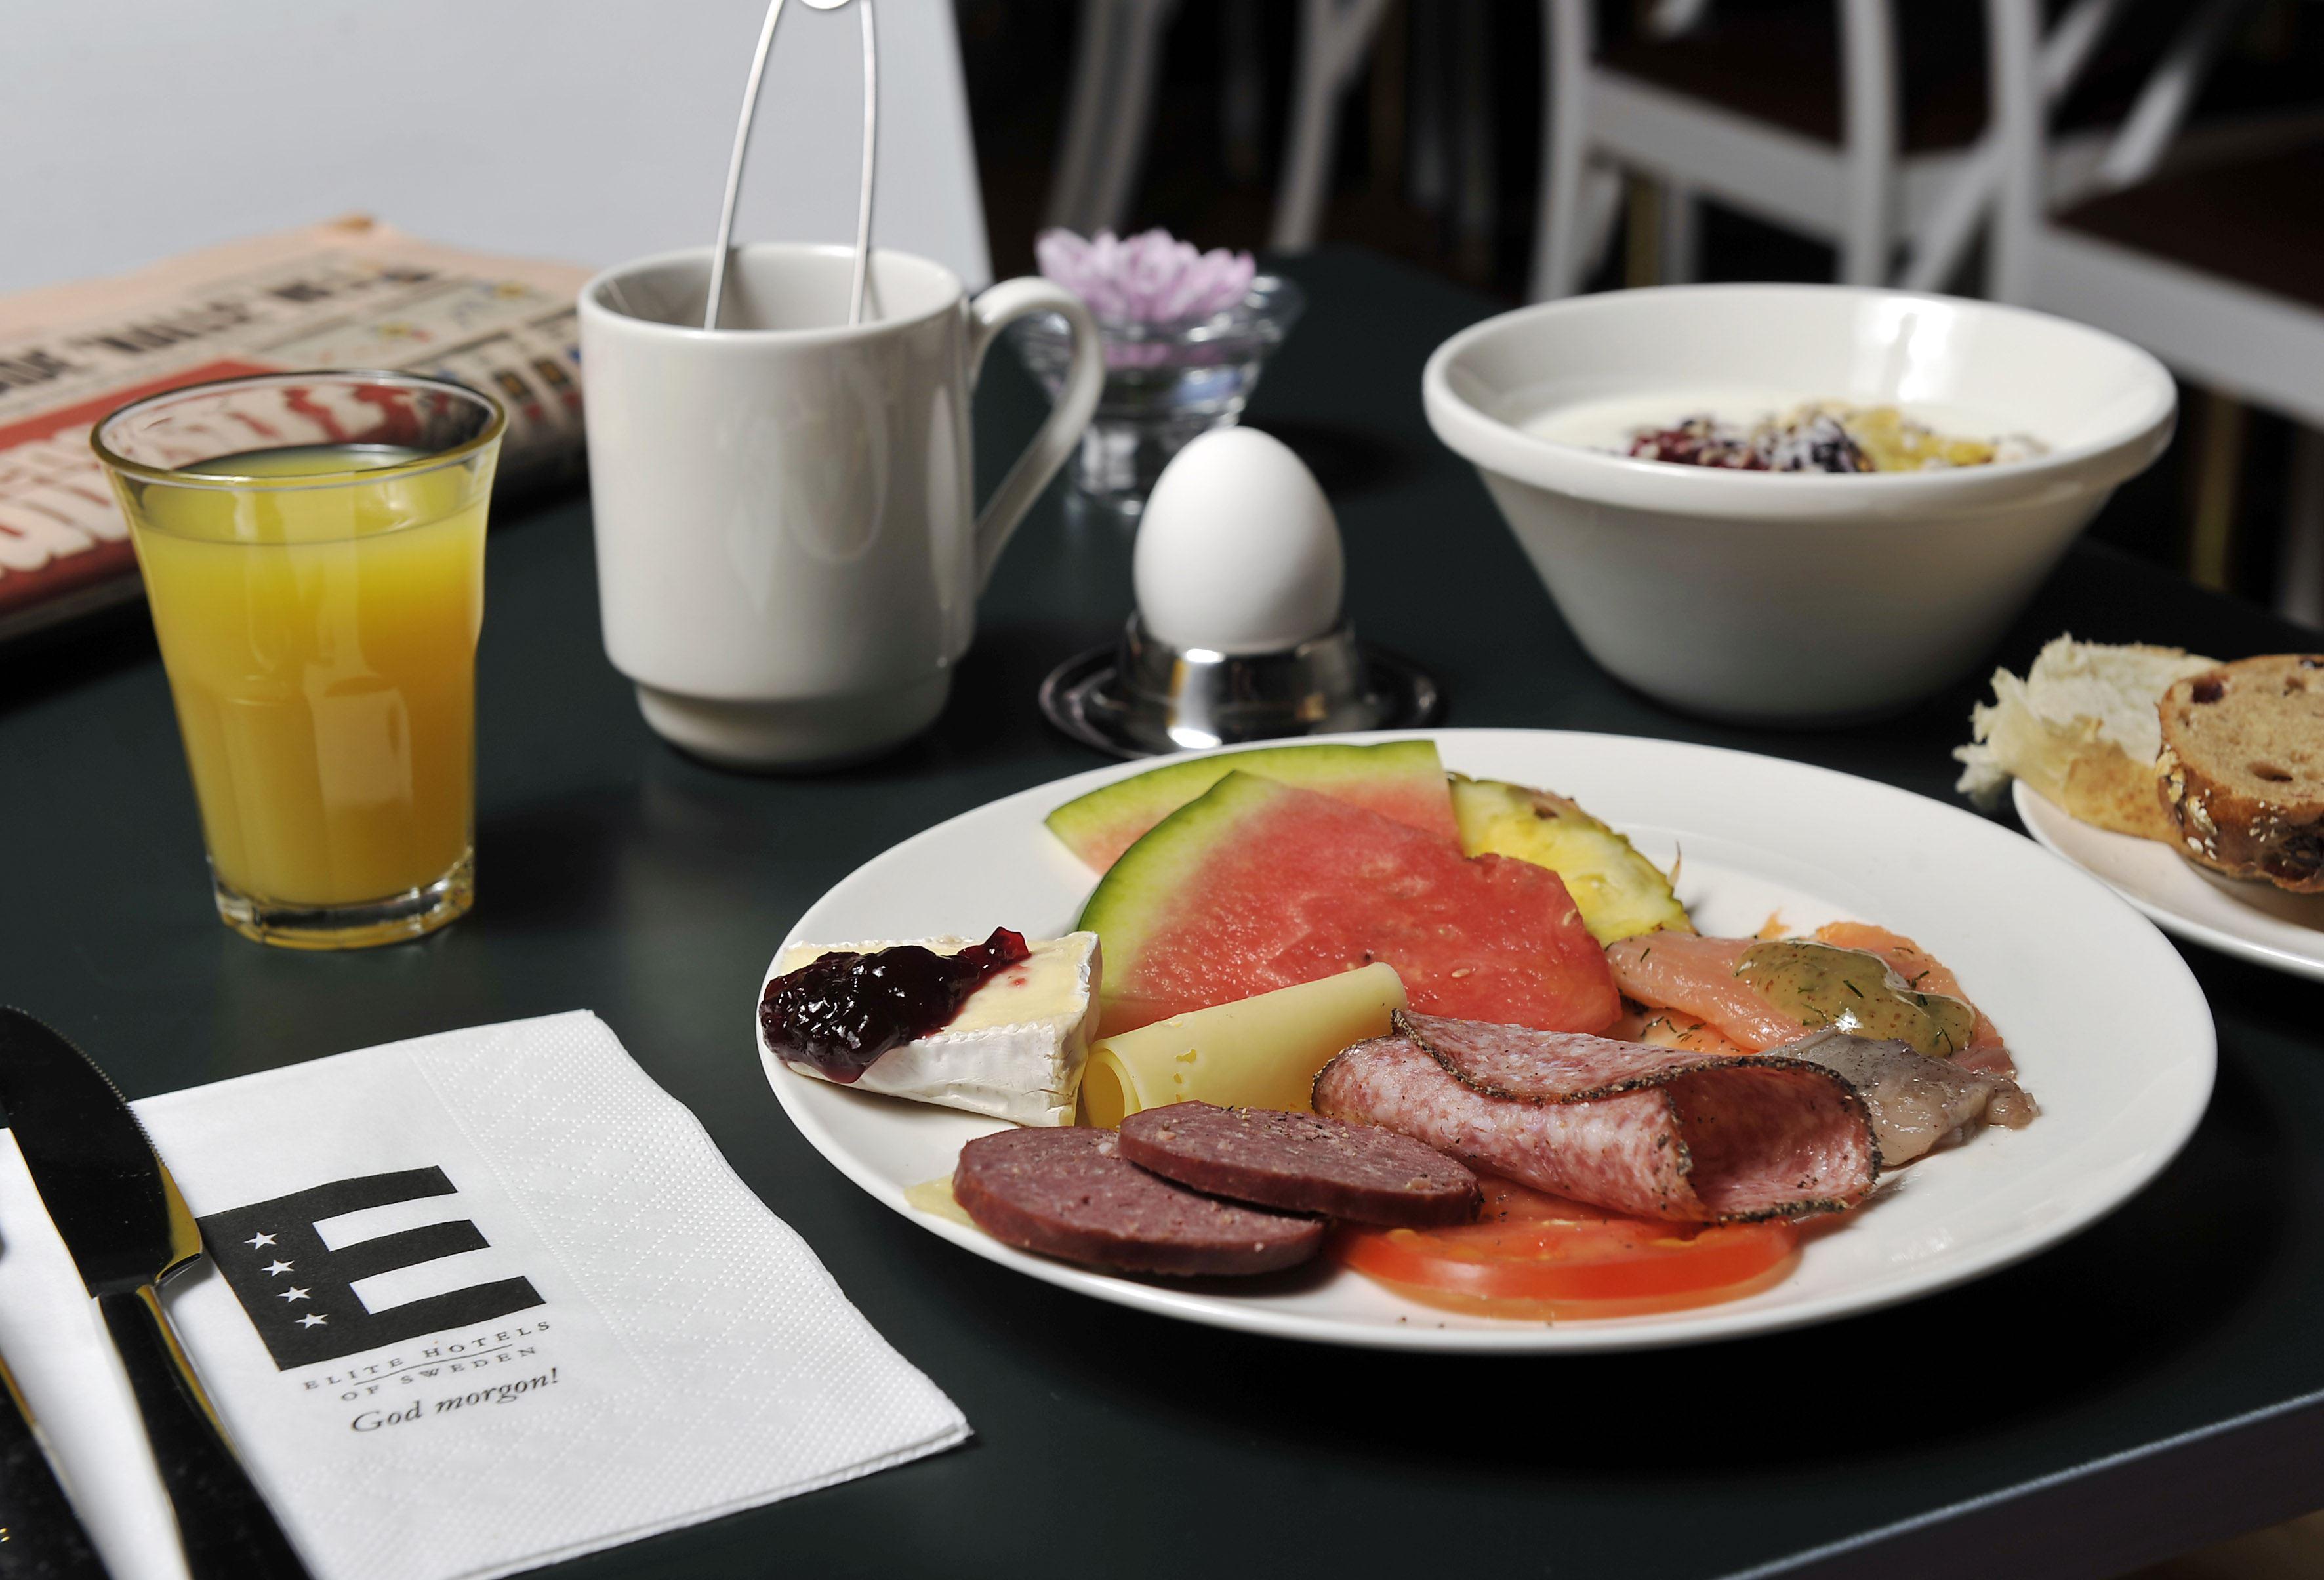 Elite Plaza Hotel Örnsköldsvik